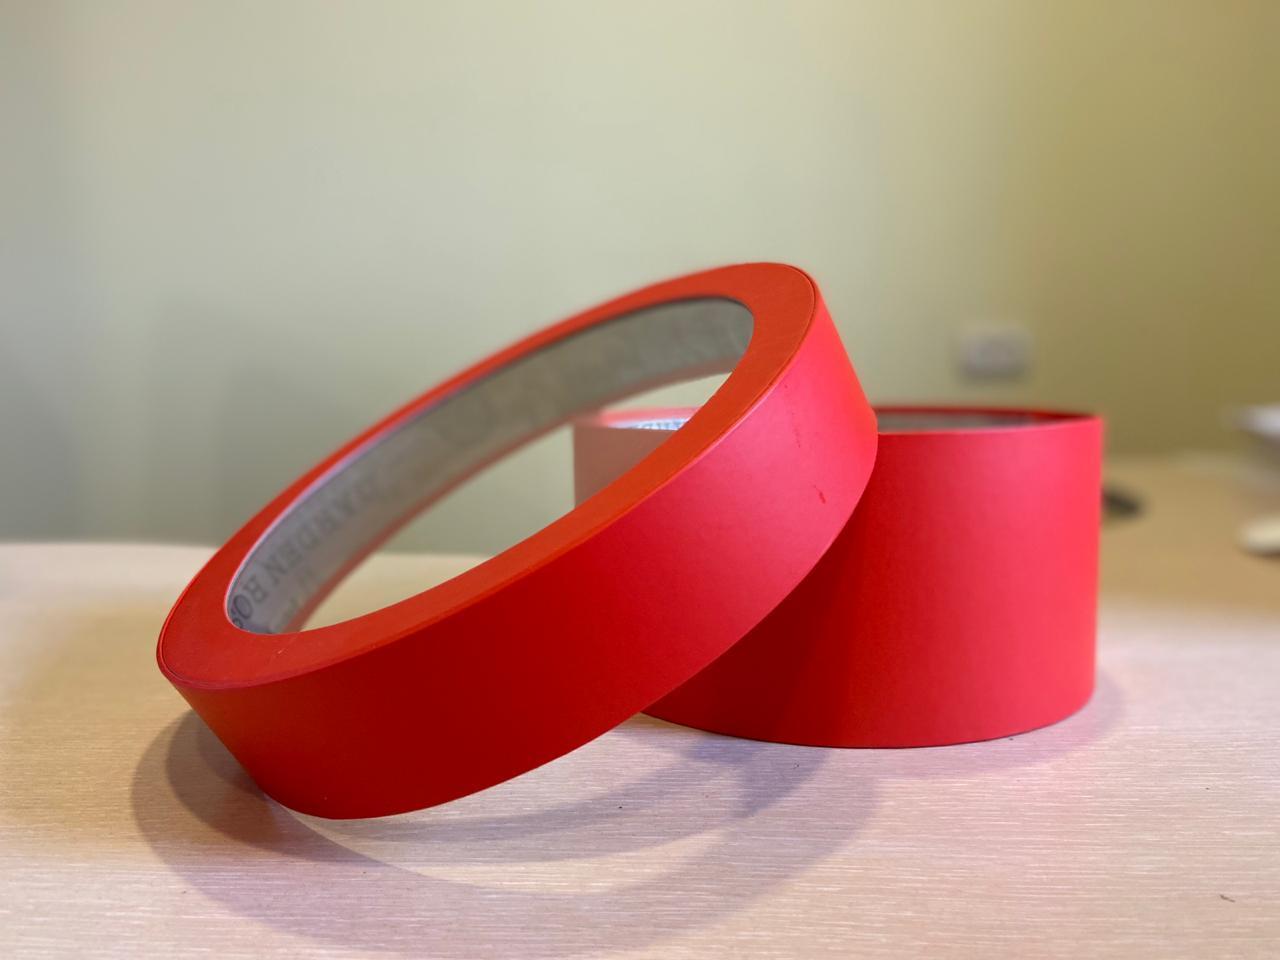 Короткая коробка с прозрачной крышкой  32см х 15 см  Цвет; Красный . Розница 400 рублей